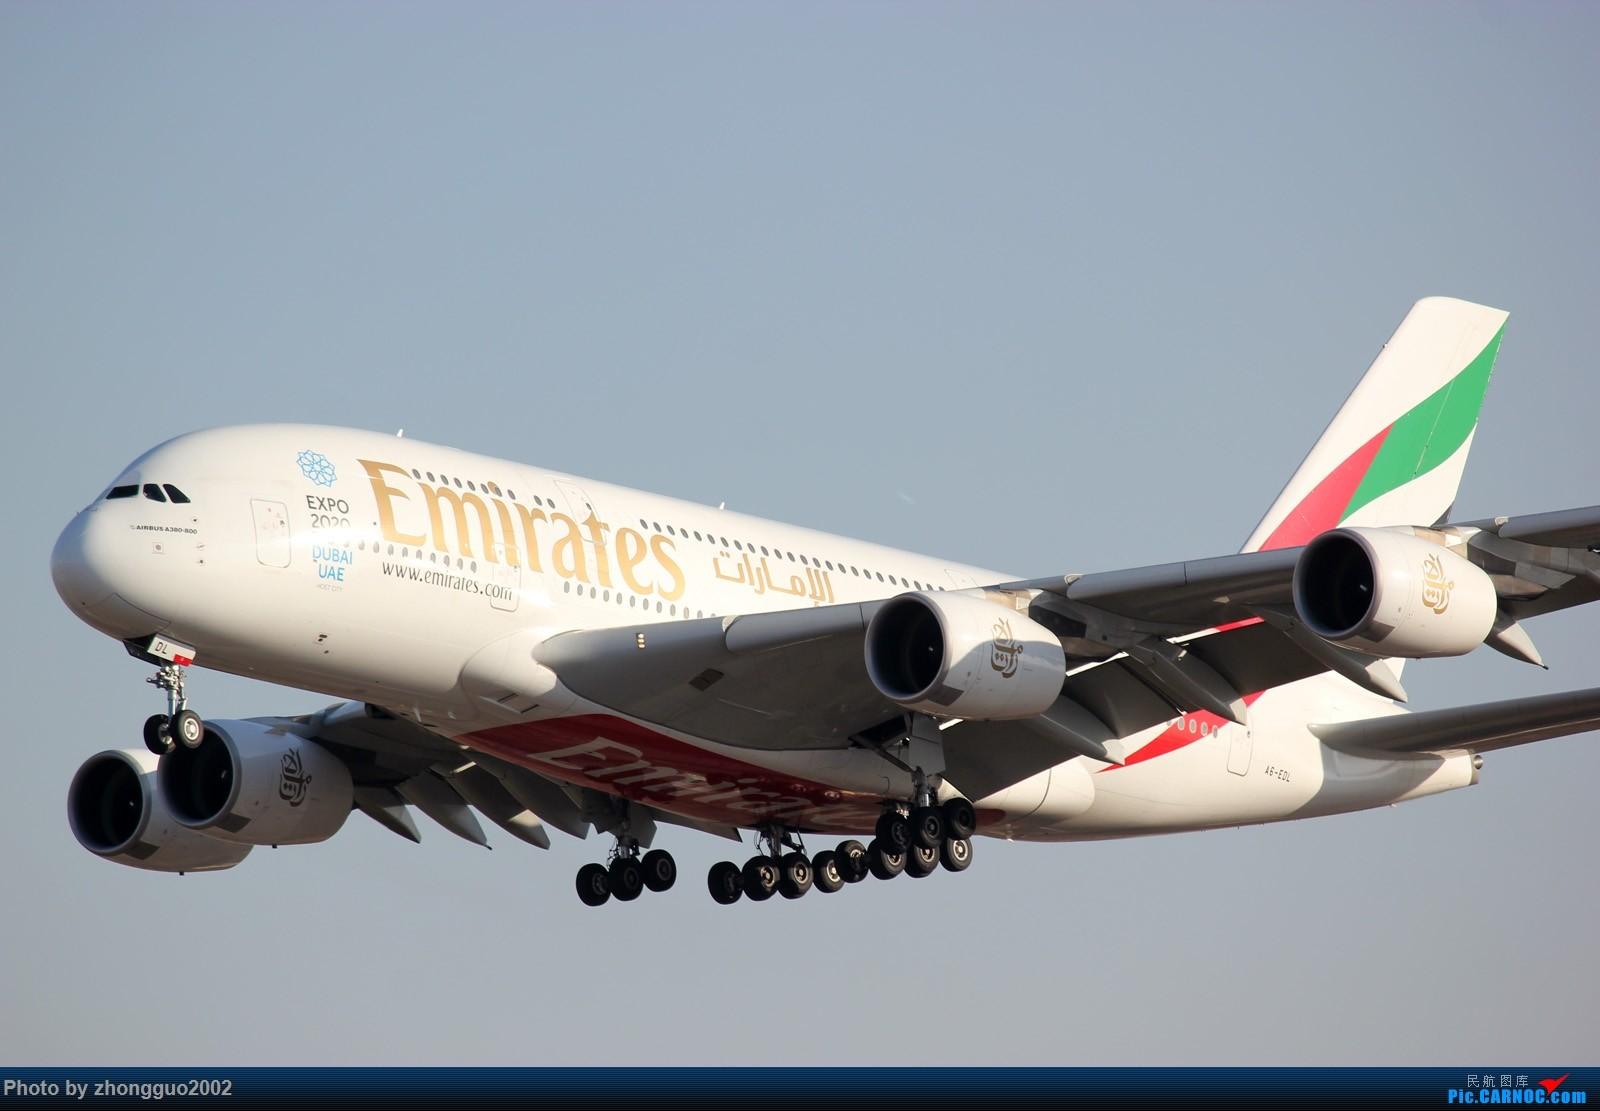 """Re:[原创]北京强劲的偏北风,把庞大的A380都""""吹""""的复飞了,我还是第一次见到,好天气再发点图吧! AIRBUS A380-800 A6-EDL PEK"""